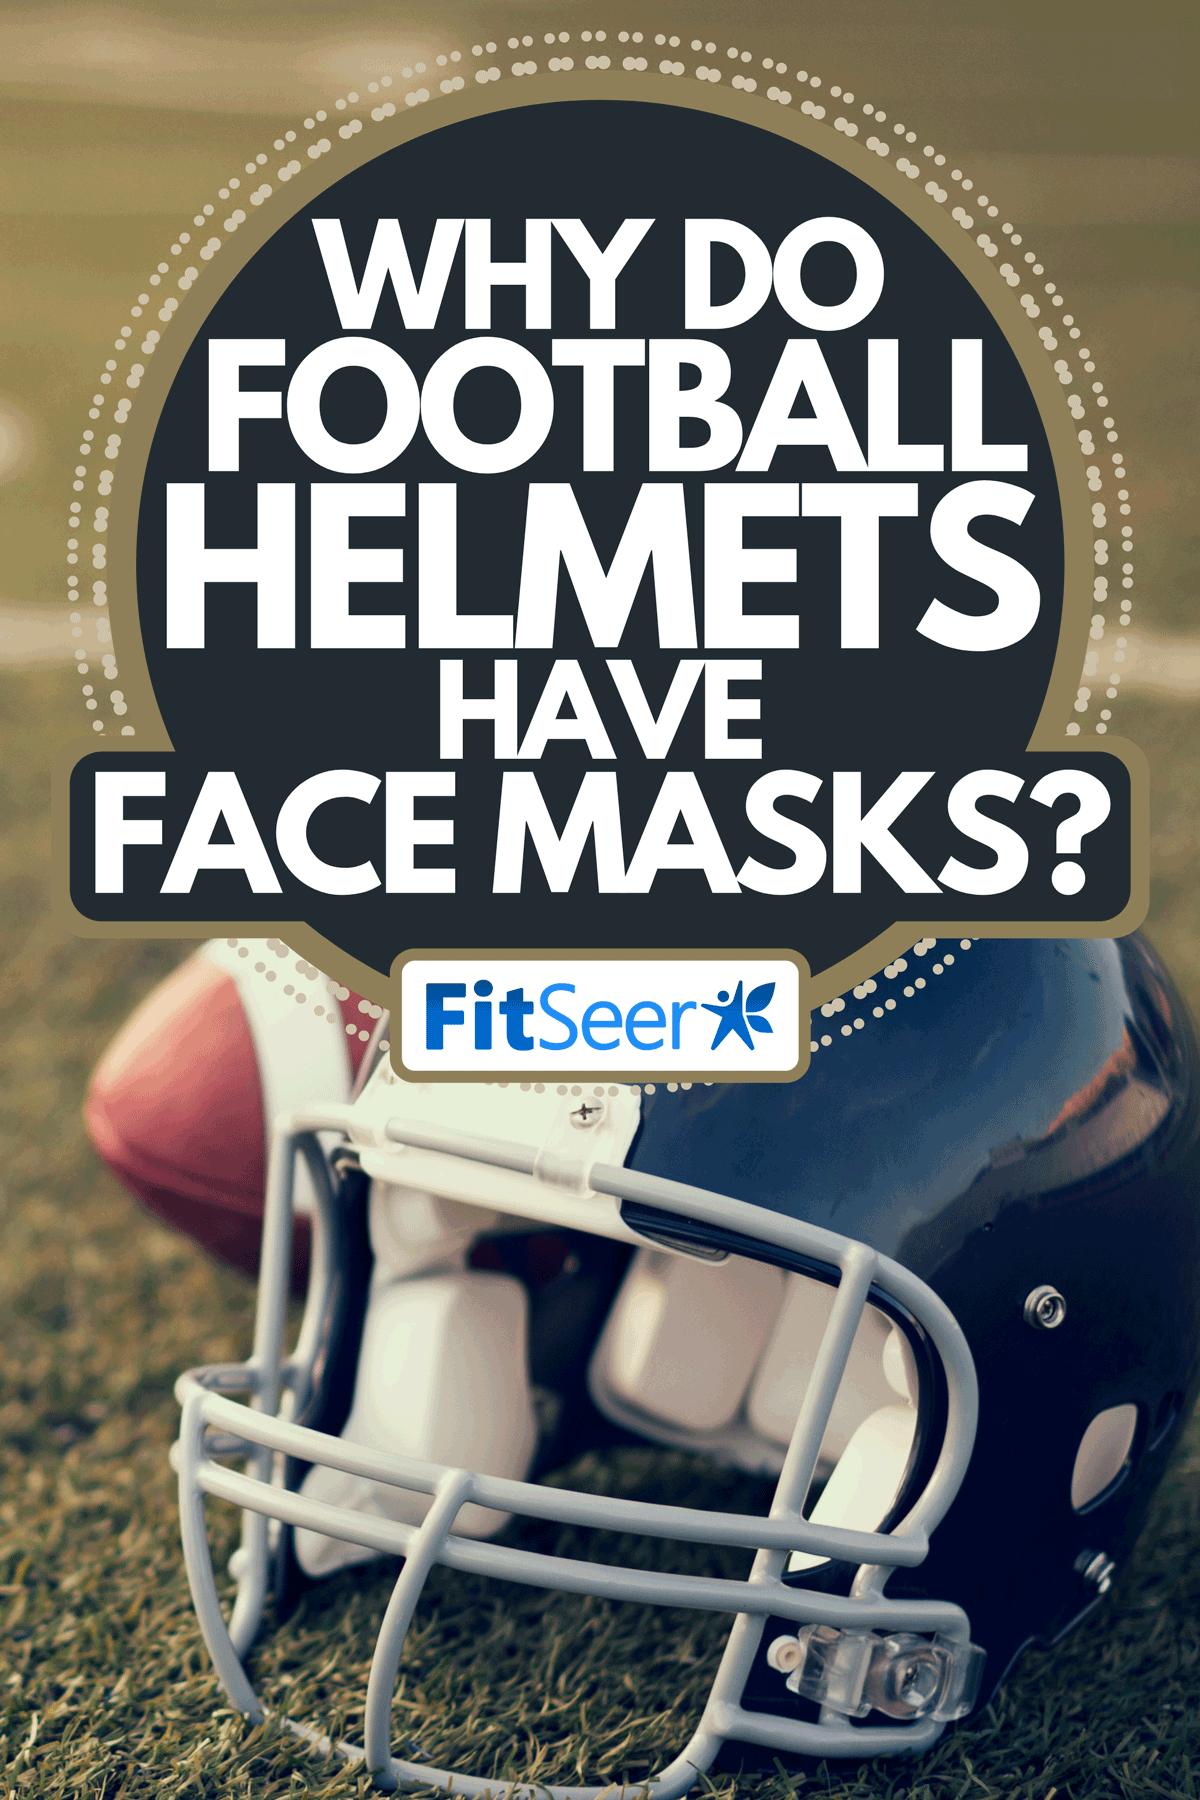 American football helmet and football on the football field, Why Do Football Helmets Have Face Masks?